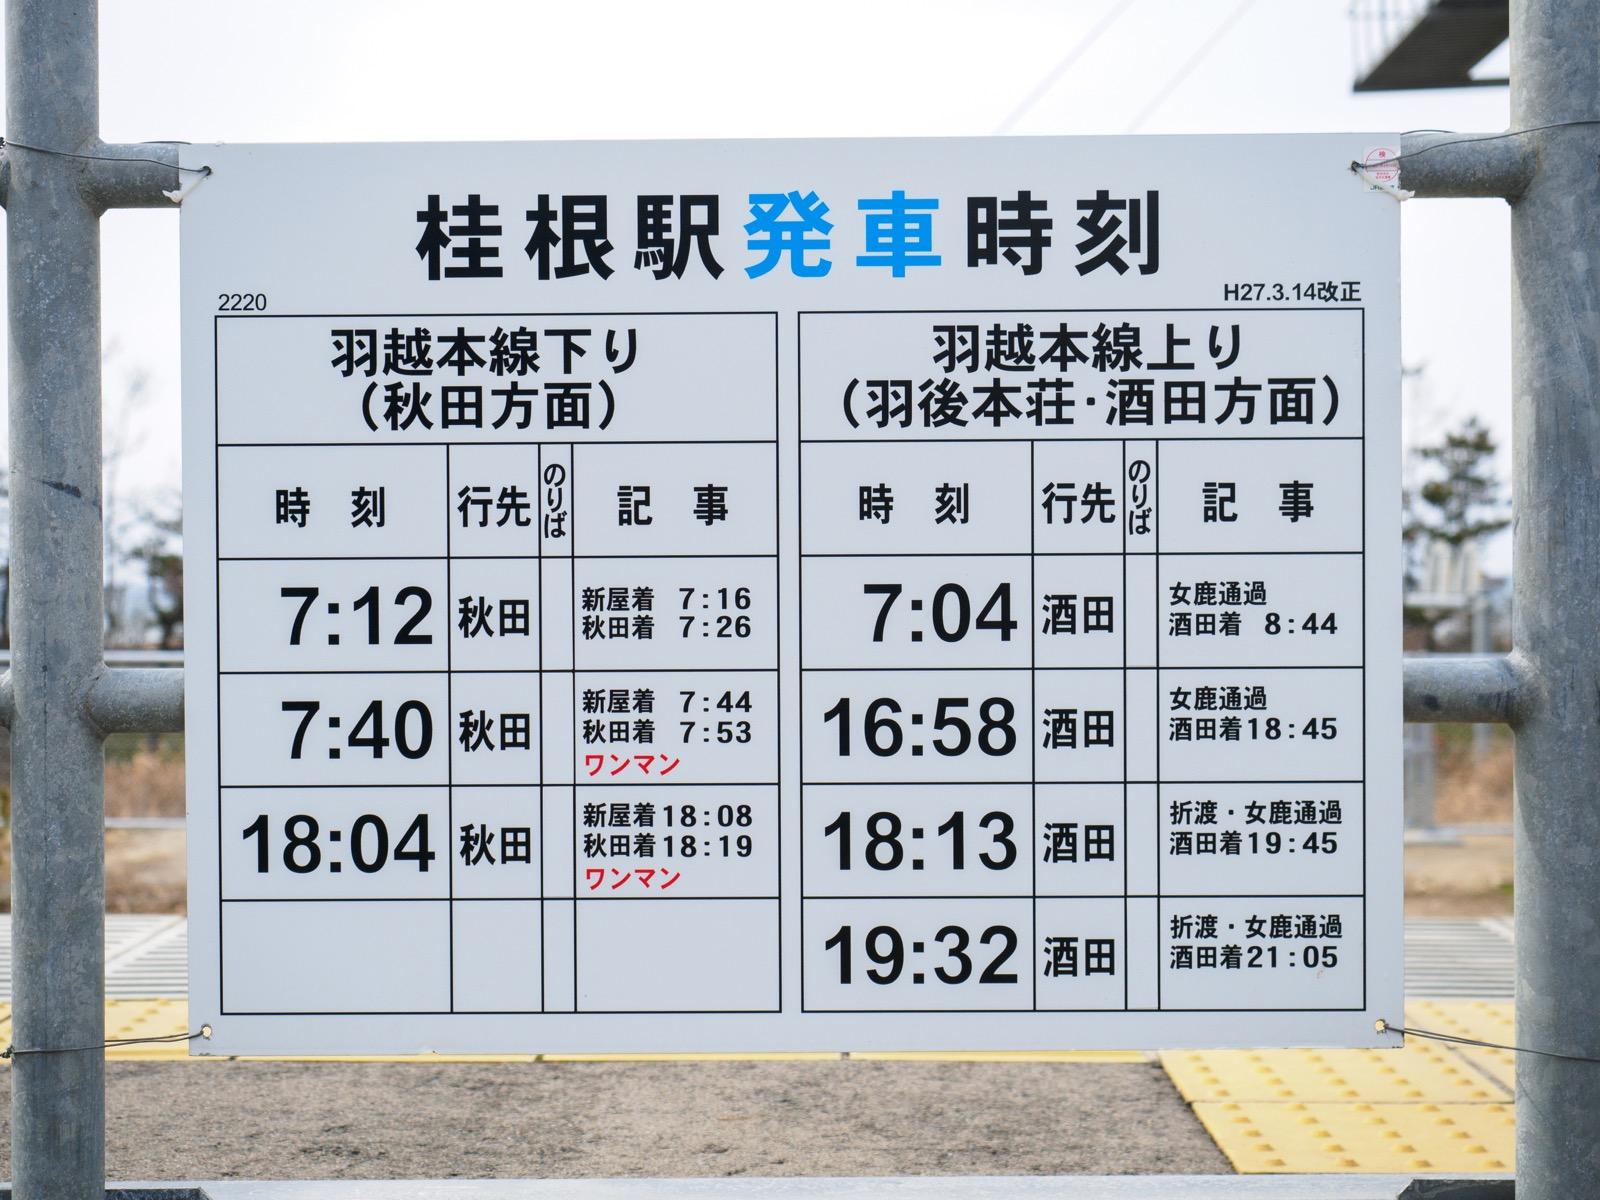 桂根駅の時刻表